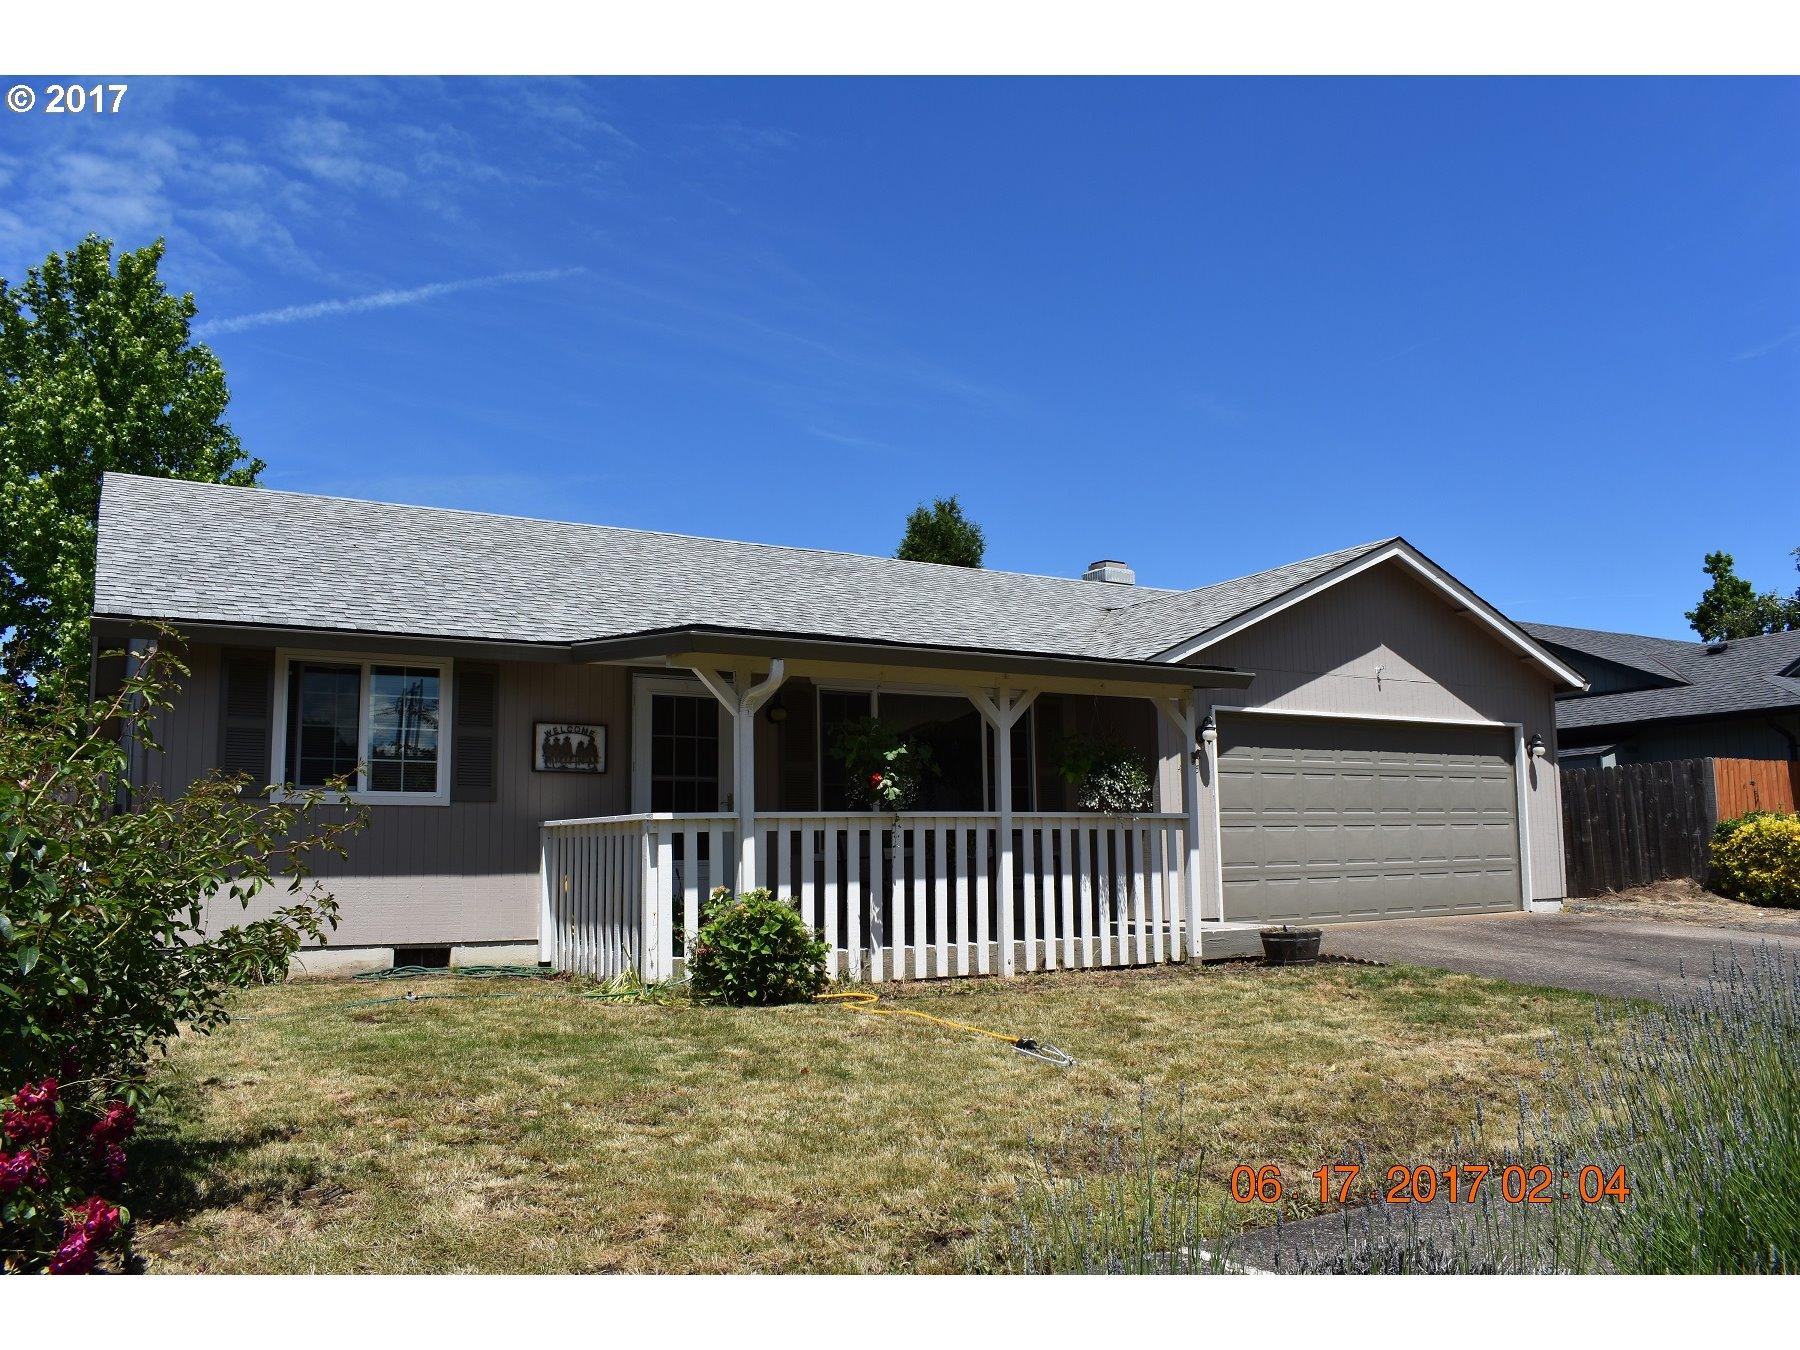 4665 FULLER AVE, Eugene, OR 97402